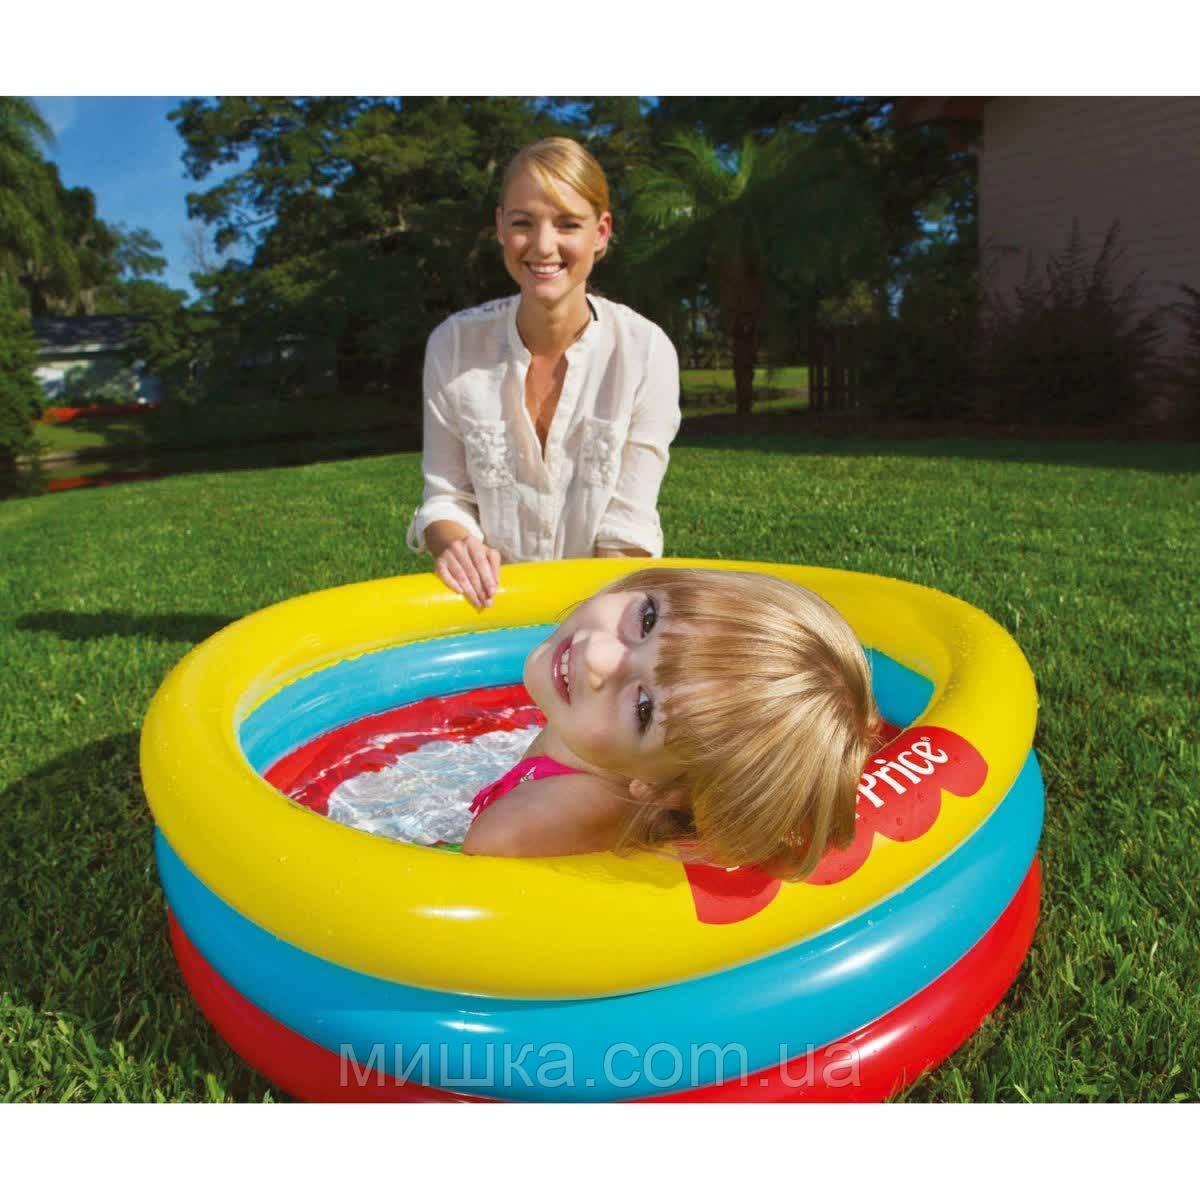 Детский надувной бассейн Ø91 см, Bestway 93501